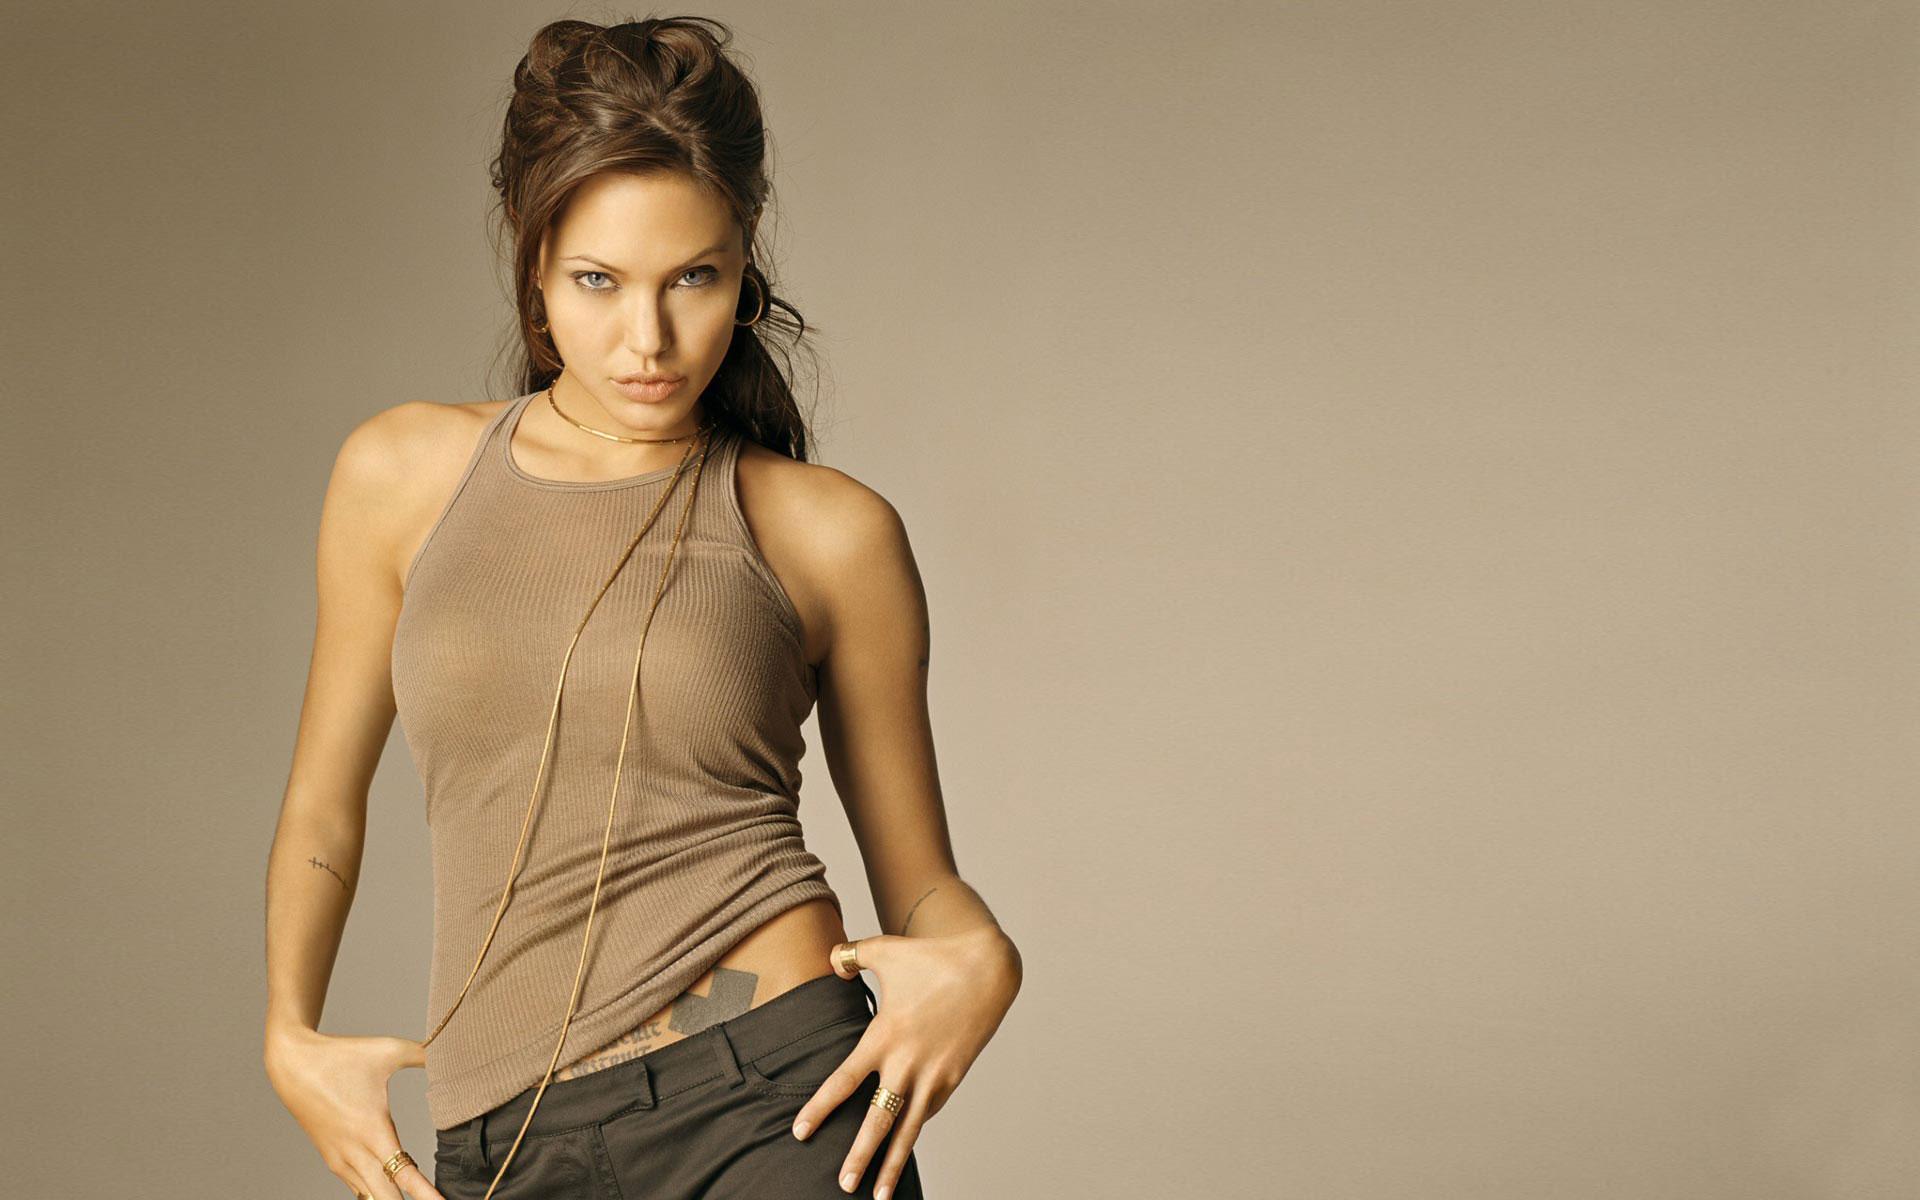 Angelina Jolie Widescreen